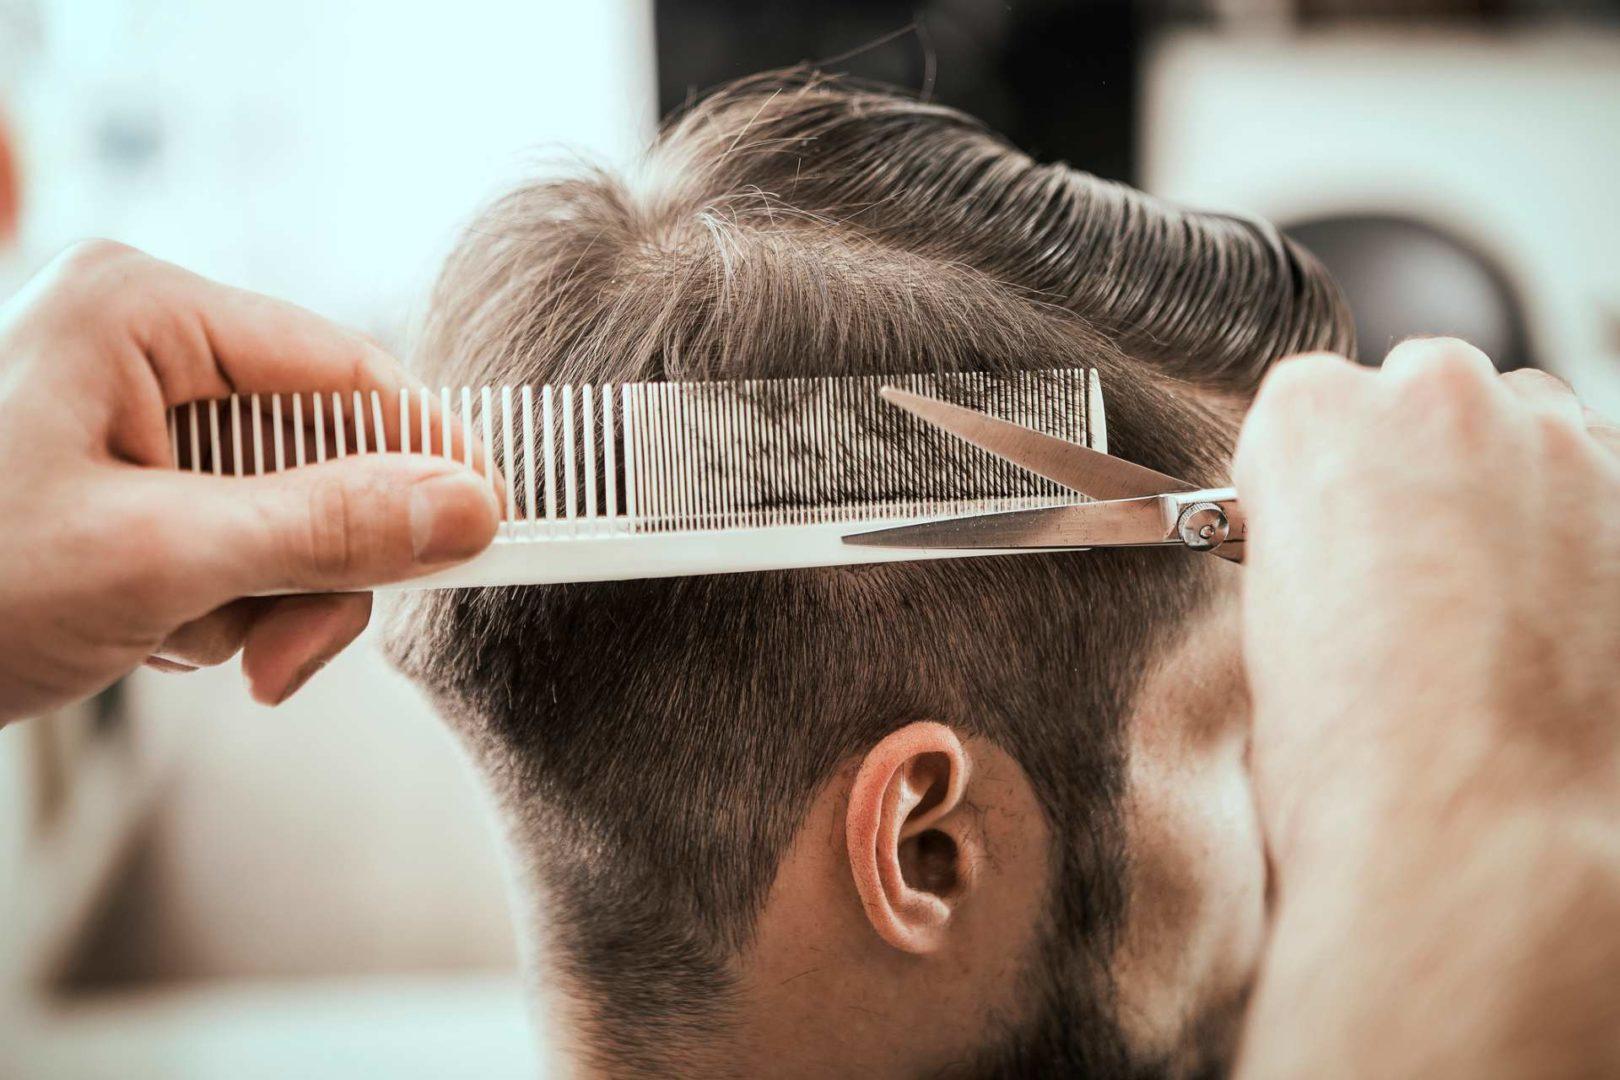 hva betyr det frisøren sier? Guide til gutta